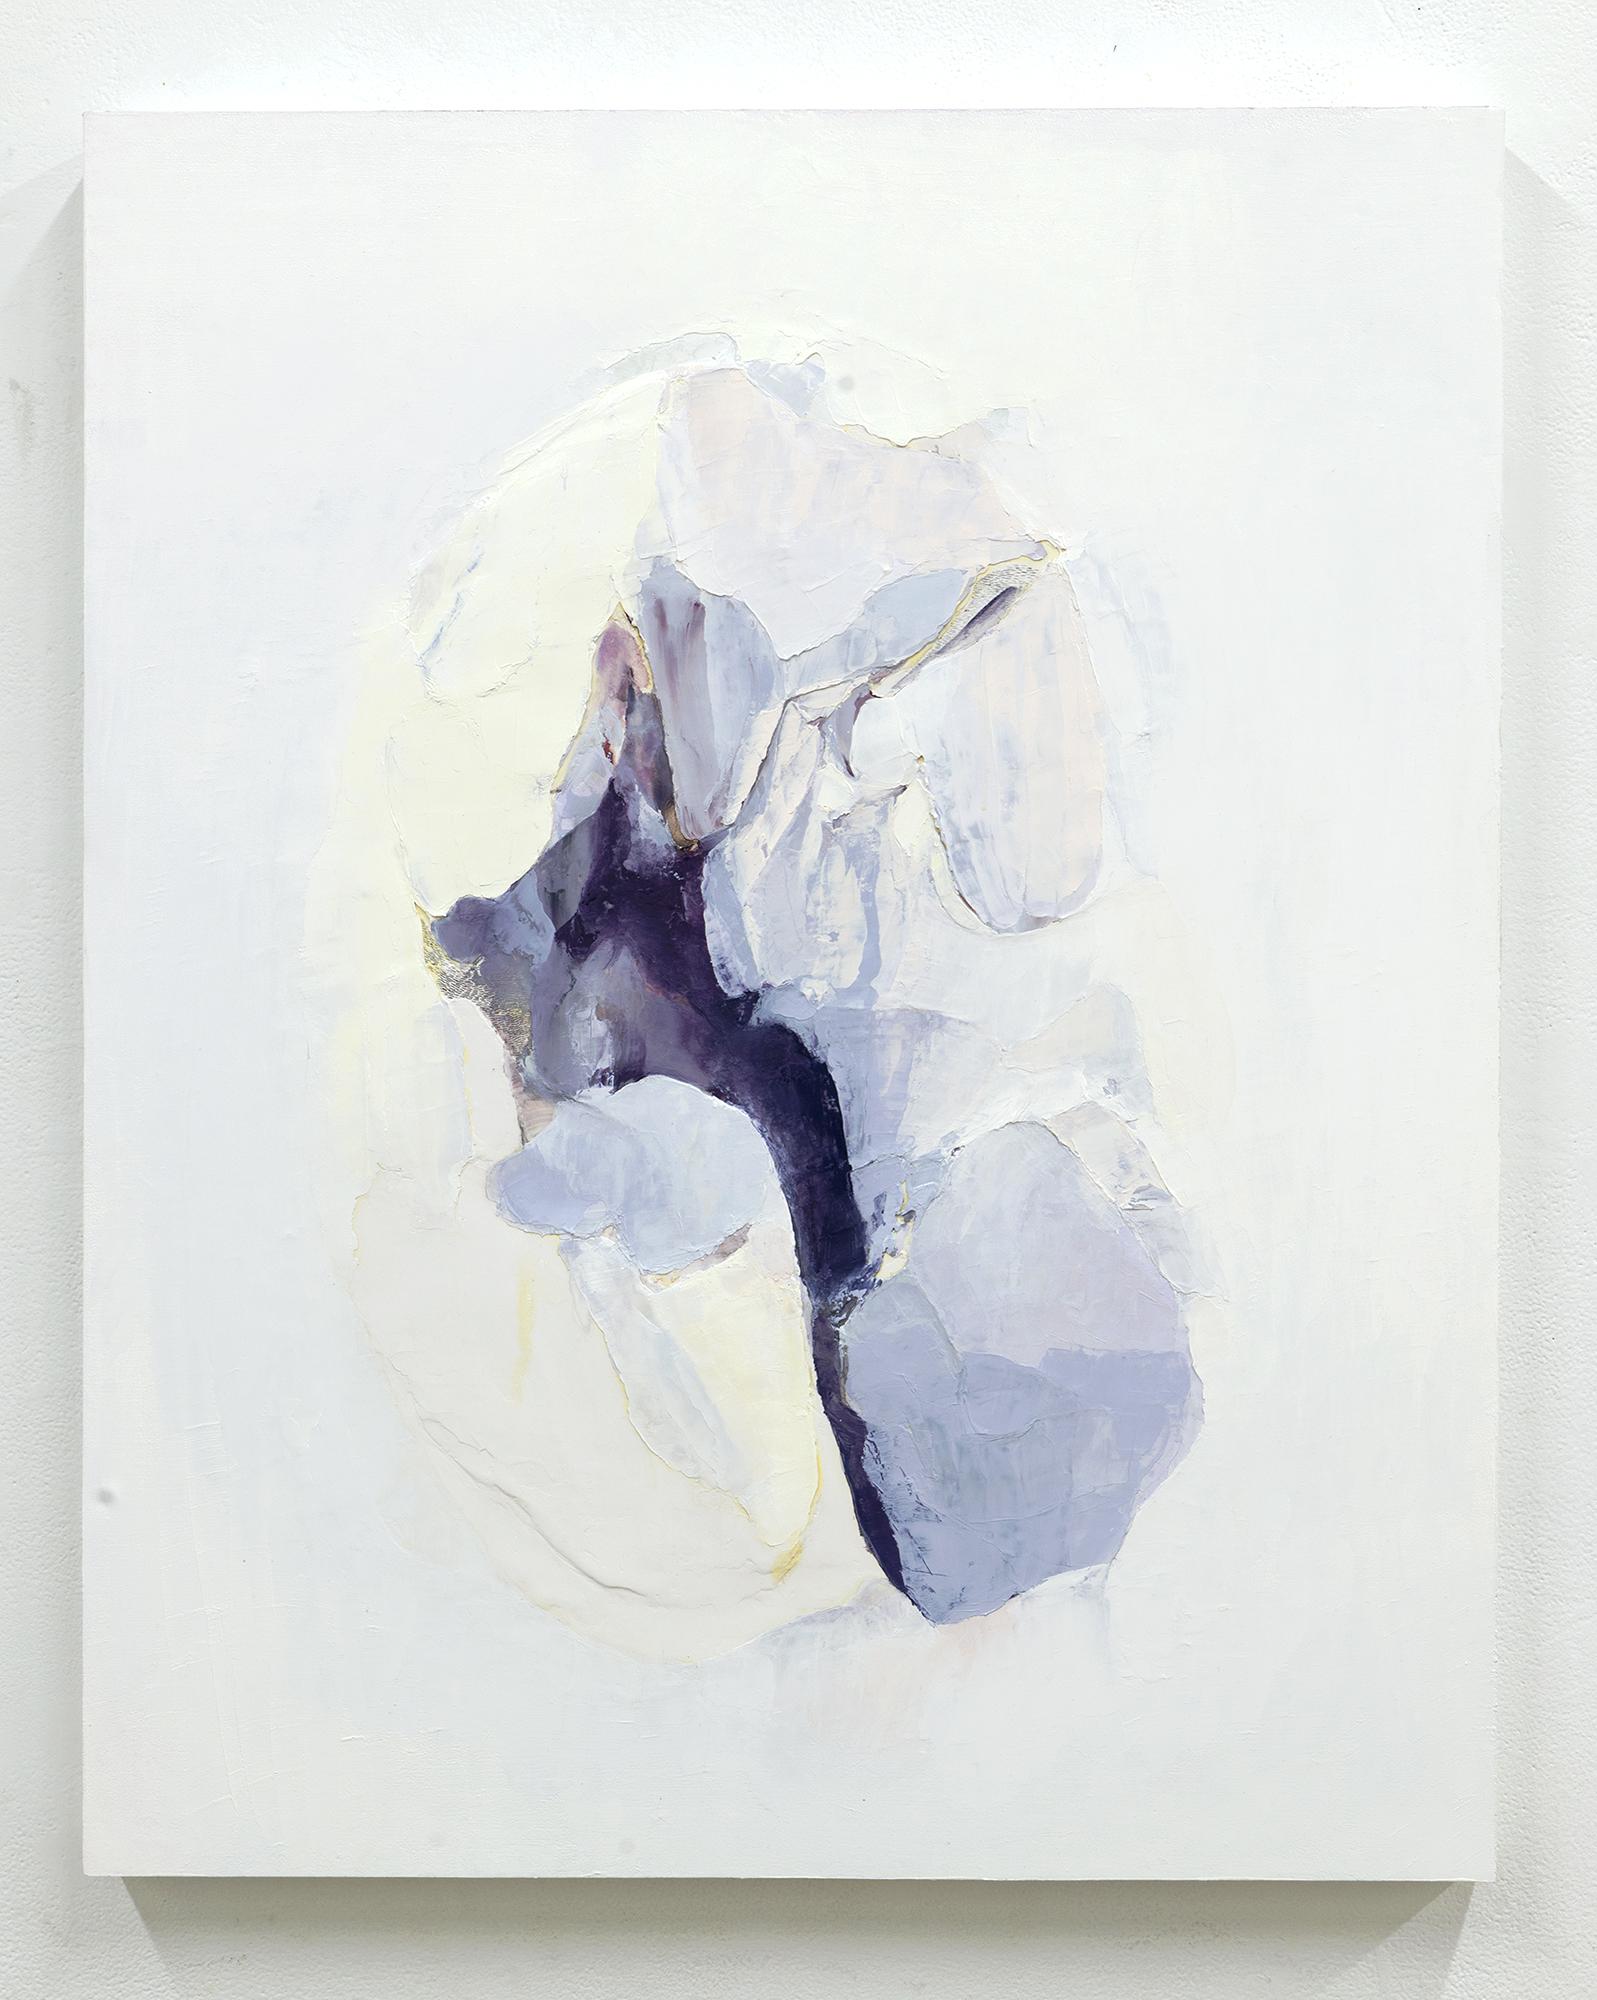 Untitled (Tectonic II), 2017